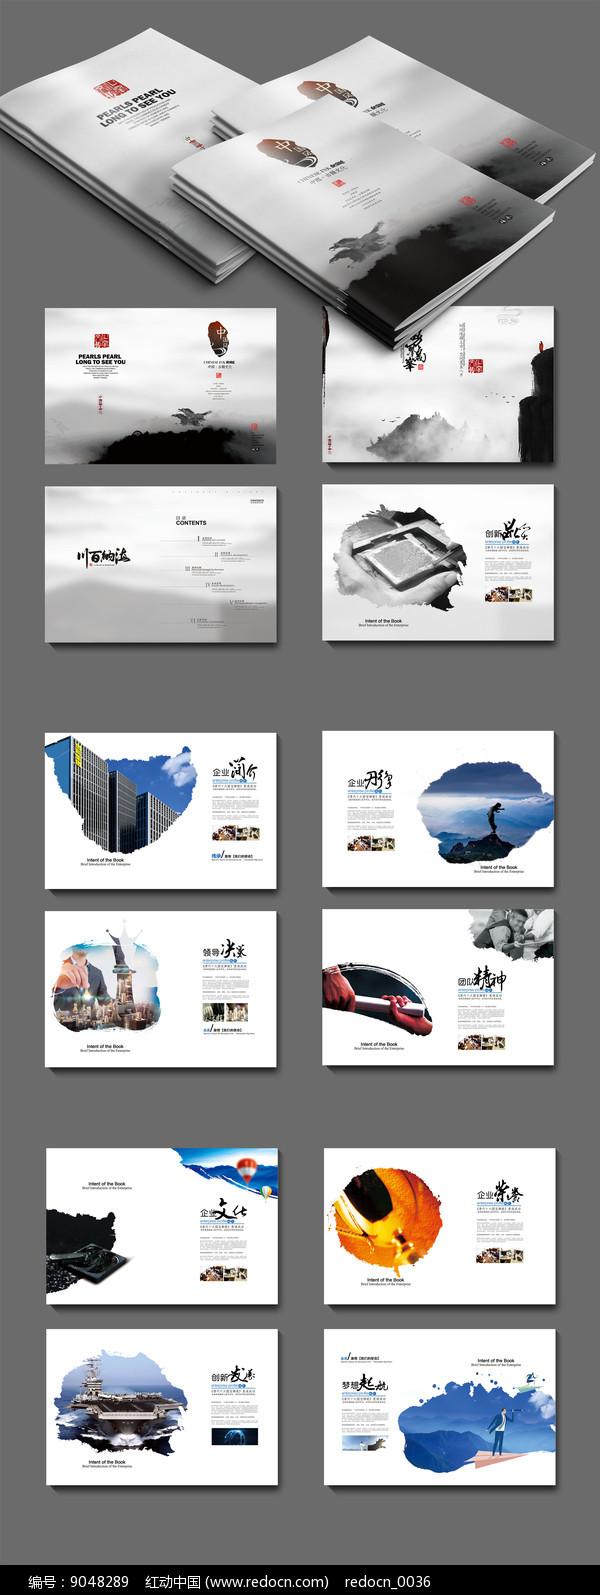 水墨中国风宣传册图片